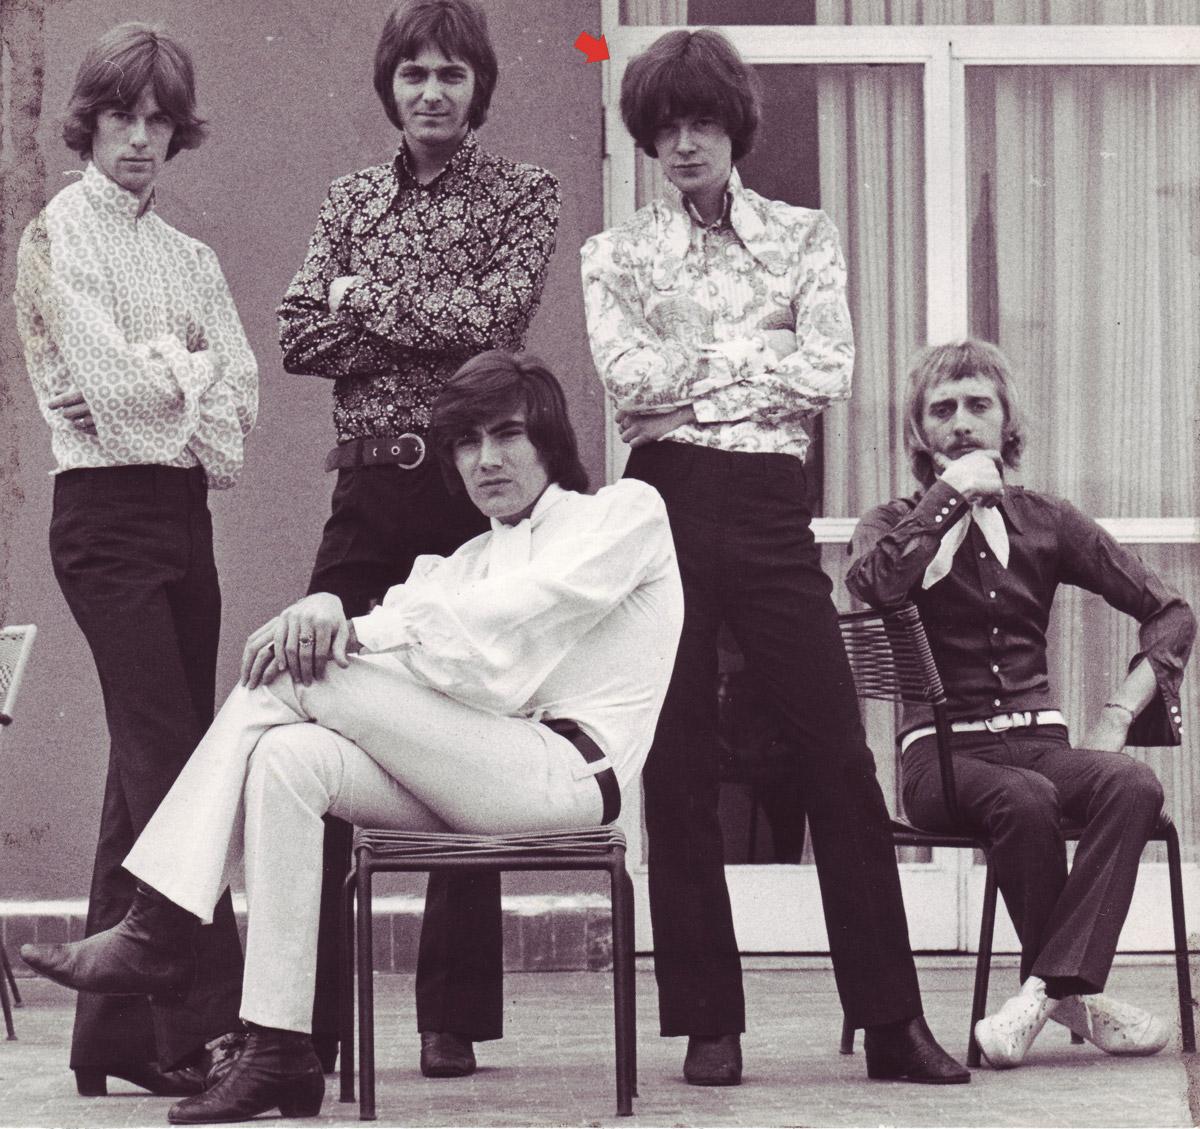 Primavera 1969 - Con Mal e i Primitives